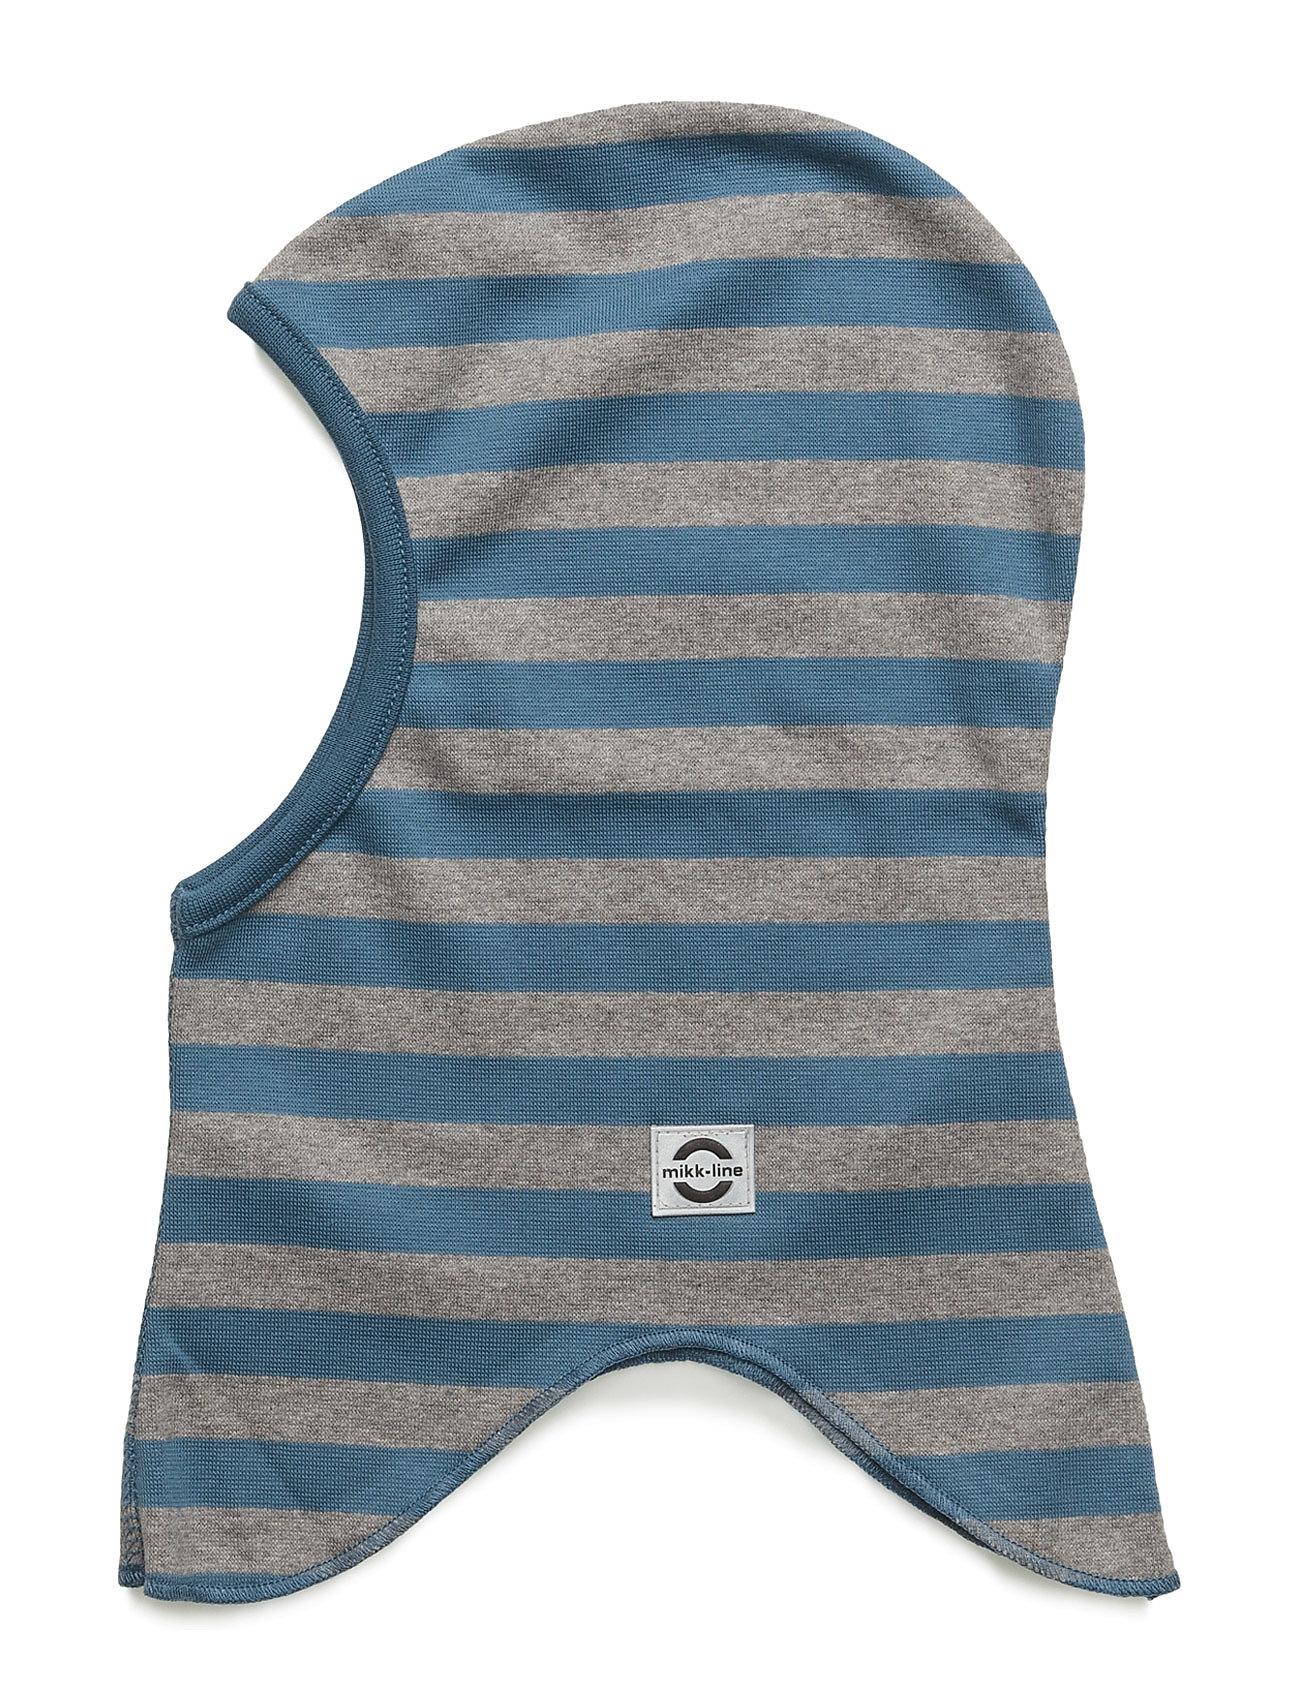 Striped Fullface Mikk-Line Accessories til Børn i